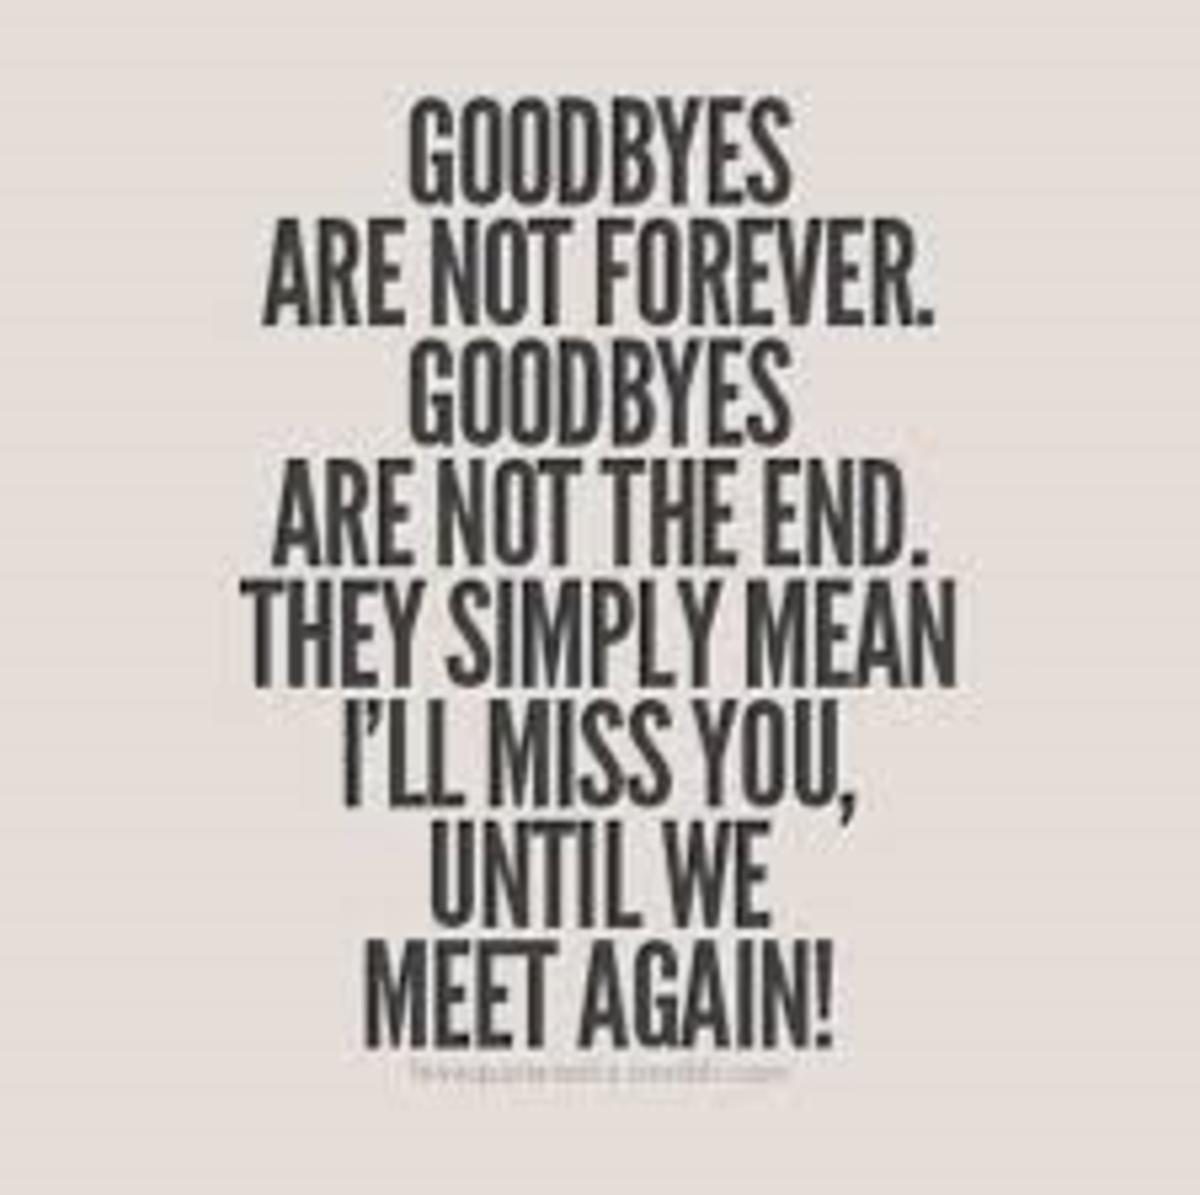 its-not-goodbye-entity